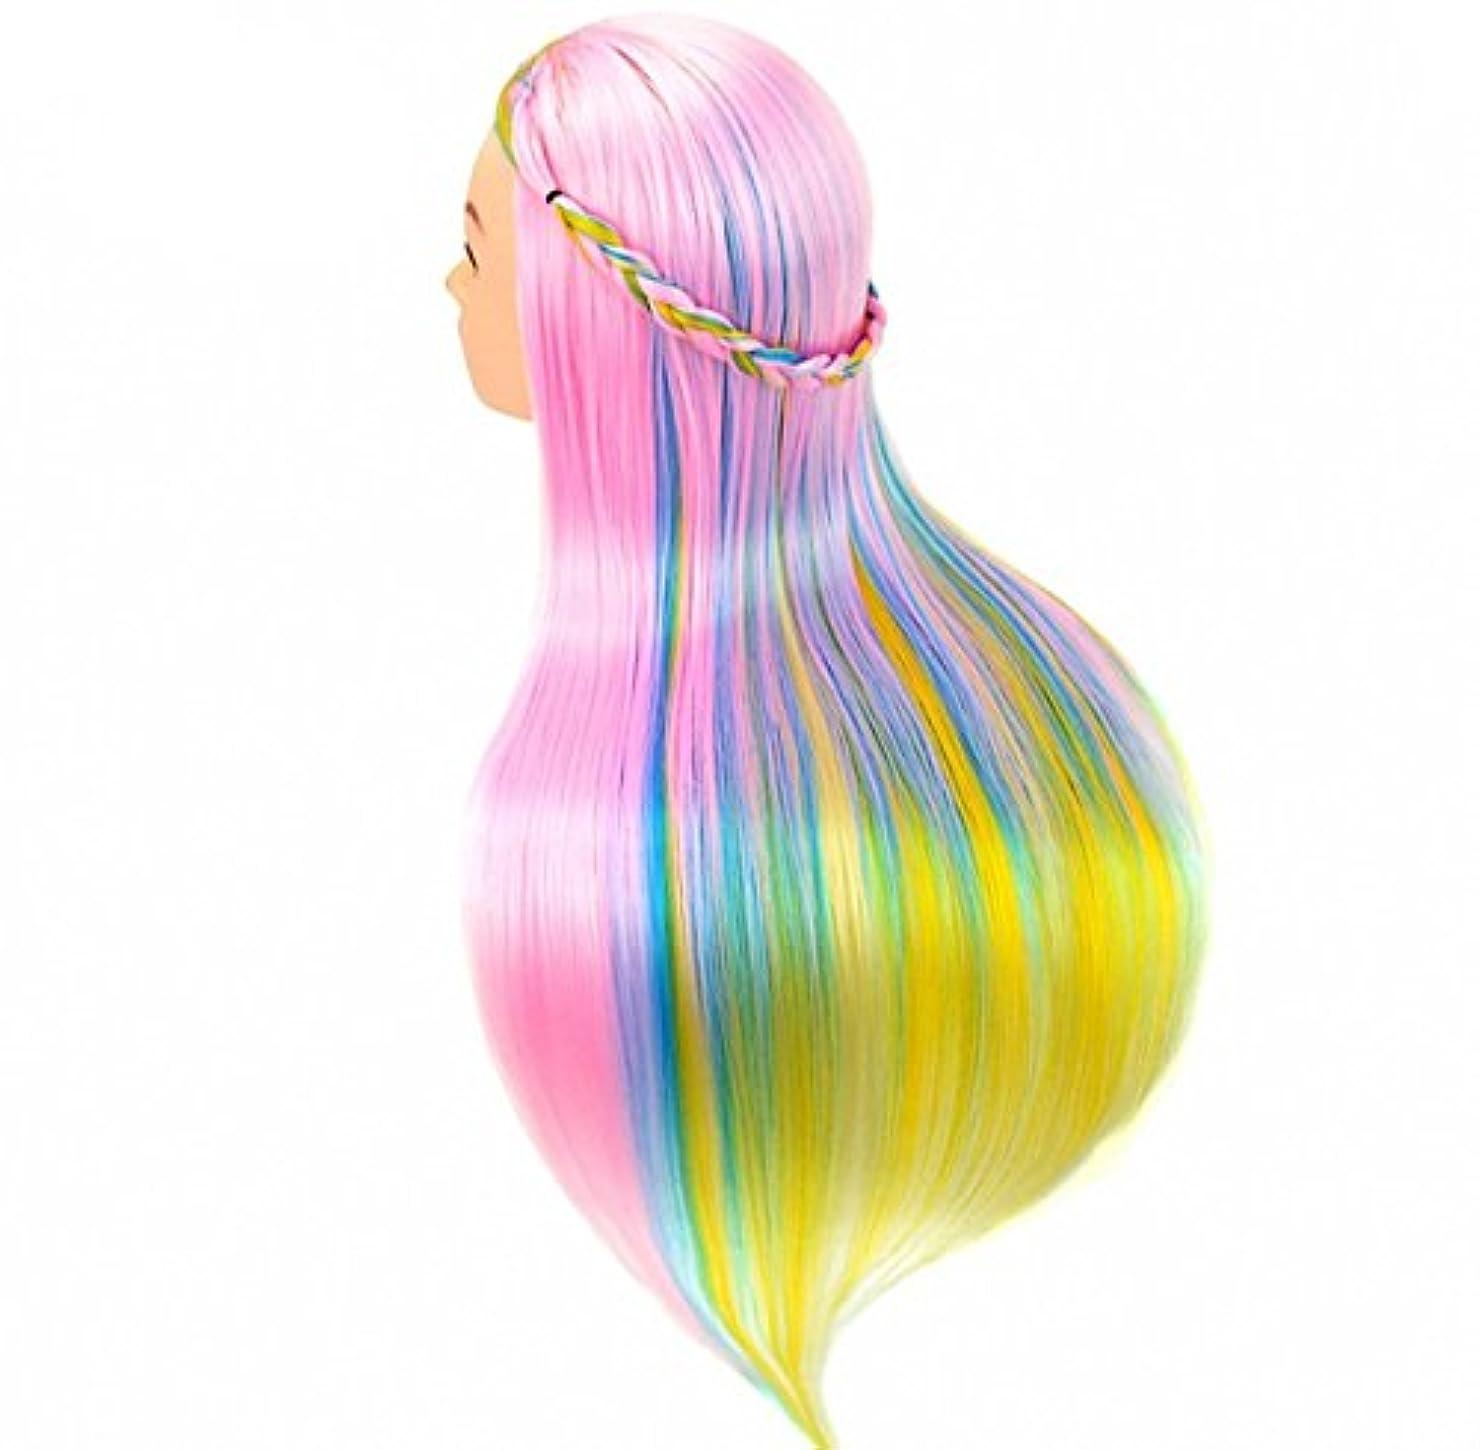 ウォルターカニンガムディスカウント重要性[Perfehair] 人工毛100%のサロン練習用マネキンヘッド(24インチ)–レインボーカラー-